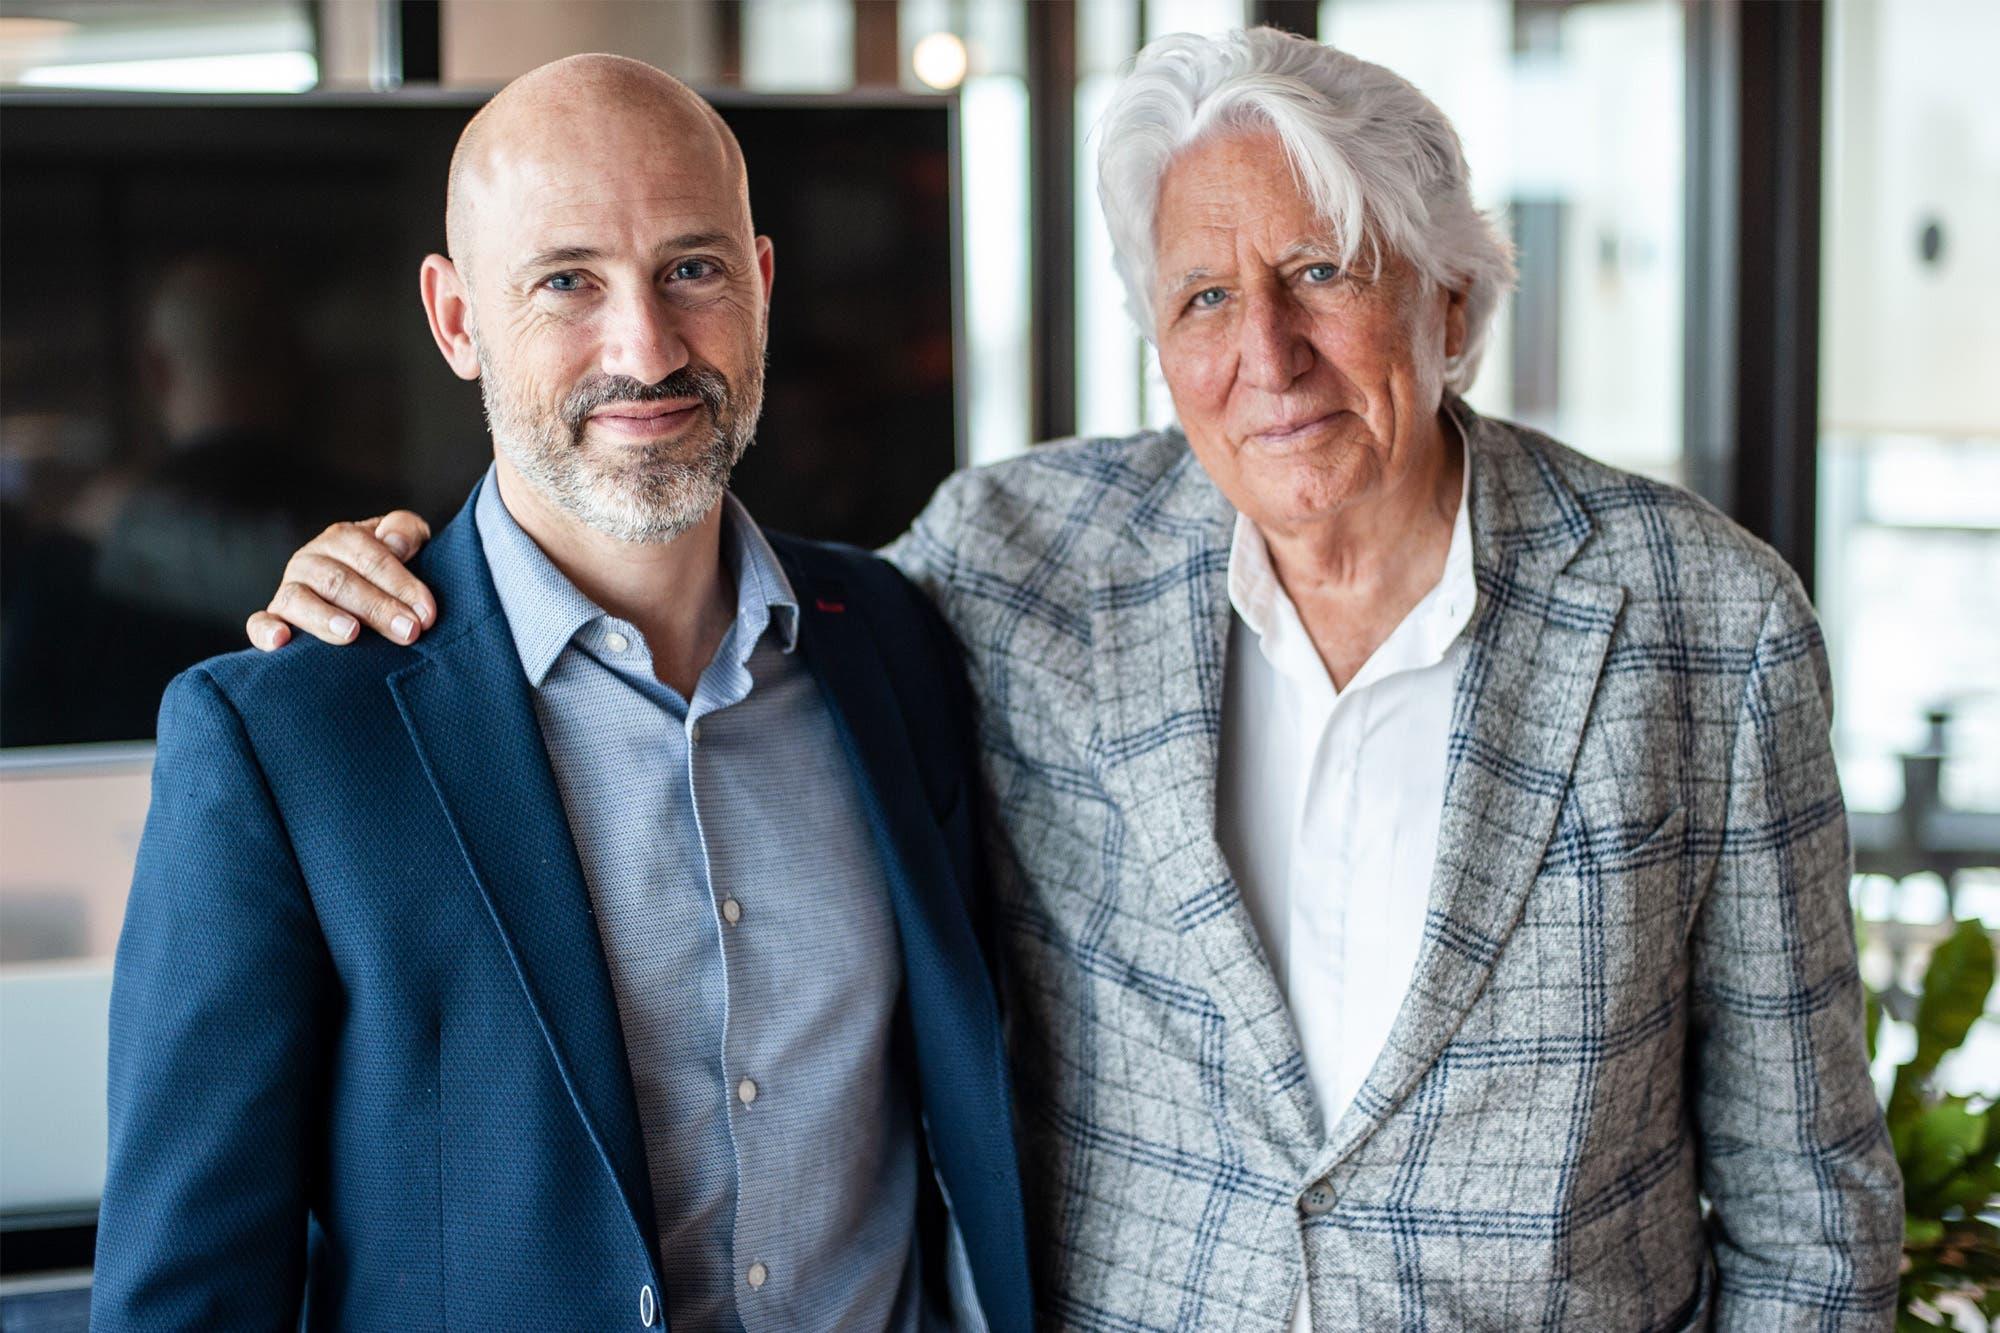 Nace un gigante: el grupo brasileño CVC compró Almundo por US$77 millones